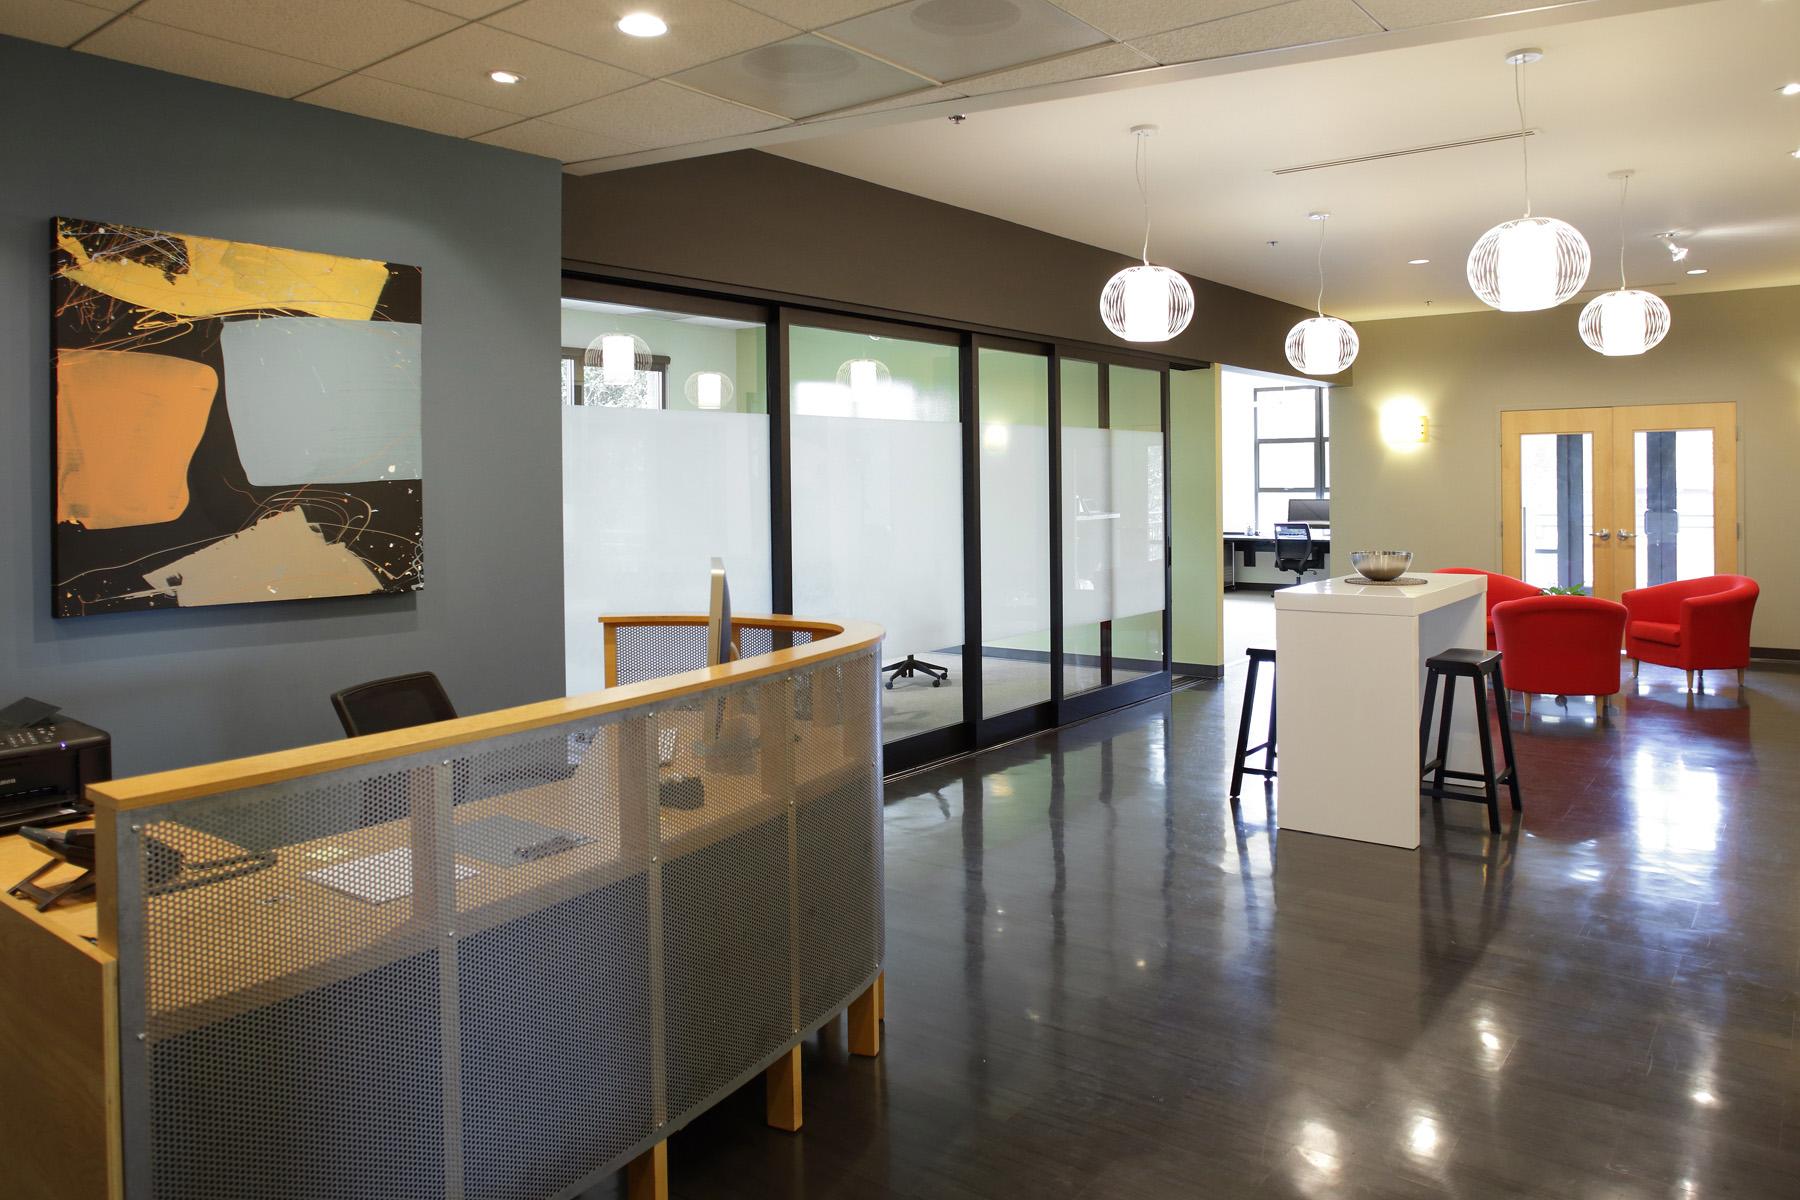 Portland Focus Group Facility Reception Area